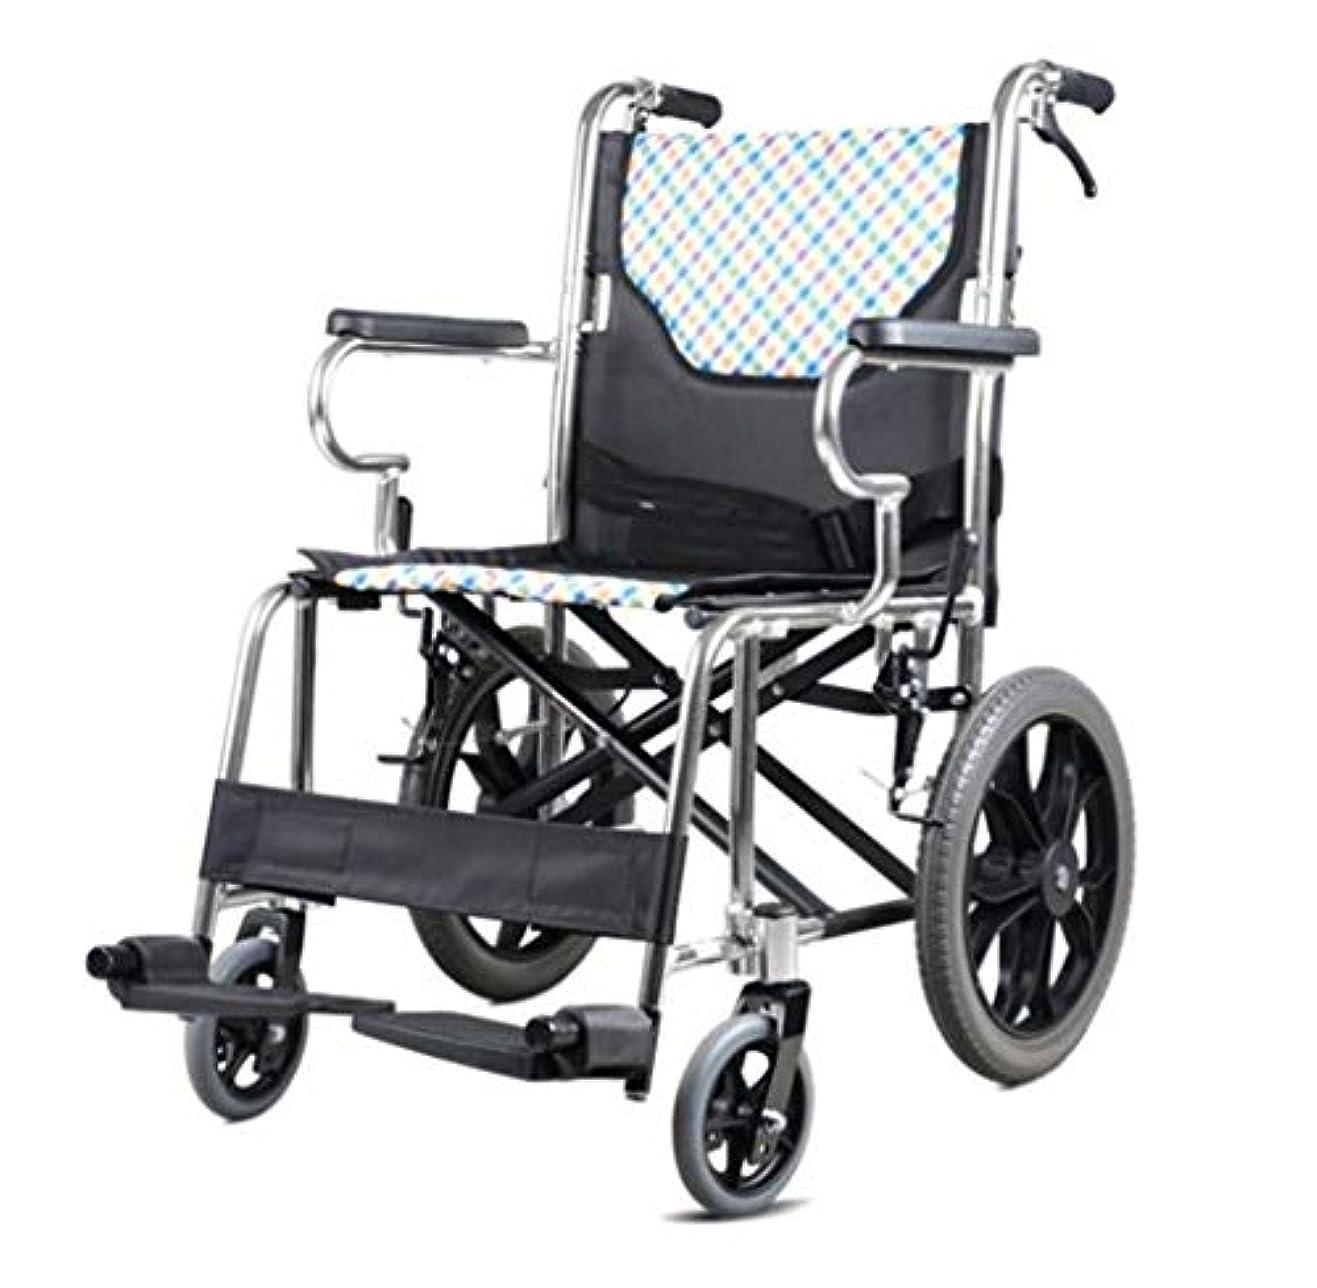 性格肉のプロペラ車椅子用トロリー折りたたみ式、高齢者用トロリー、身体障害者用車椅子、容量100 Kg